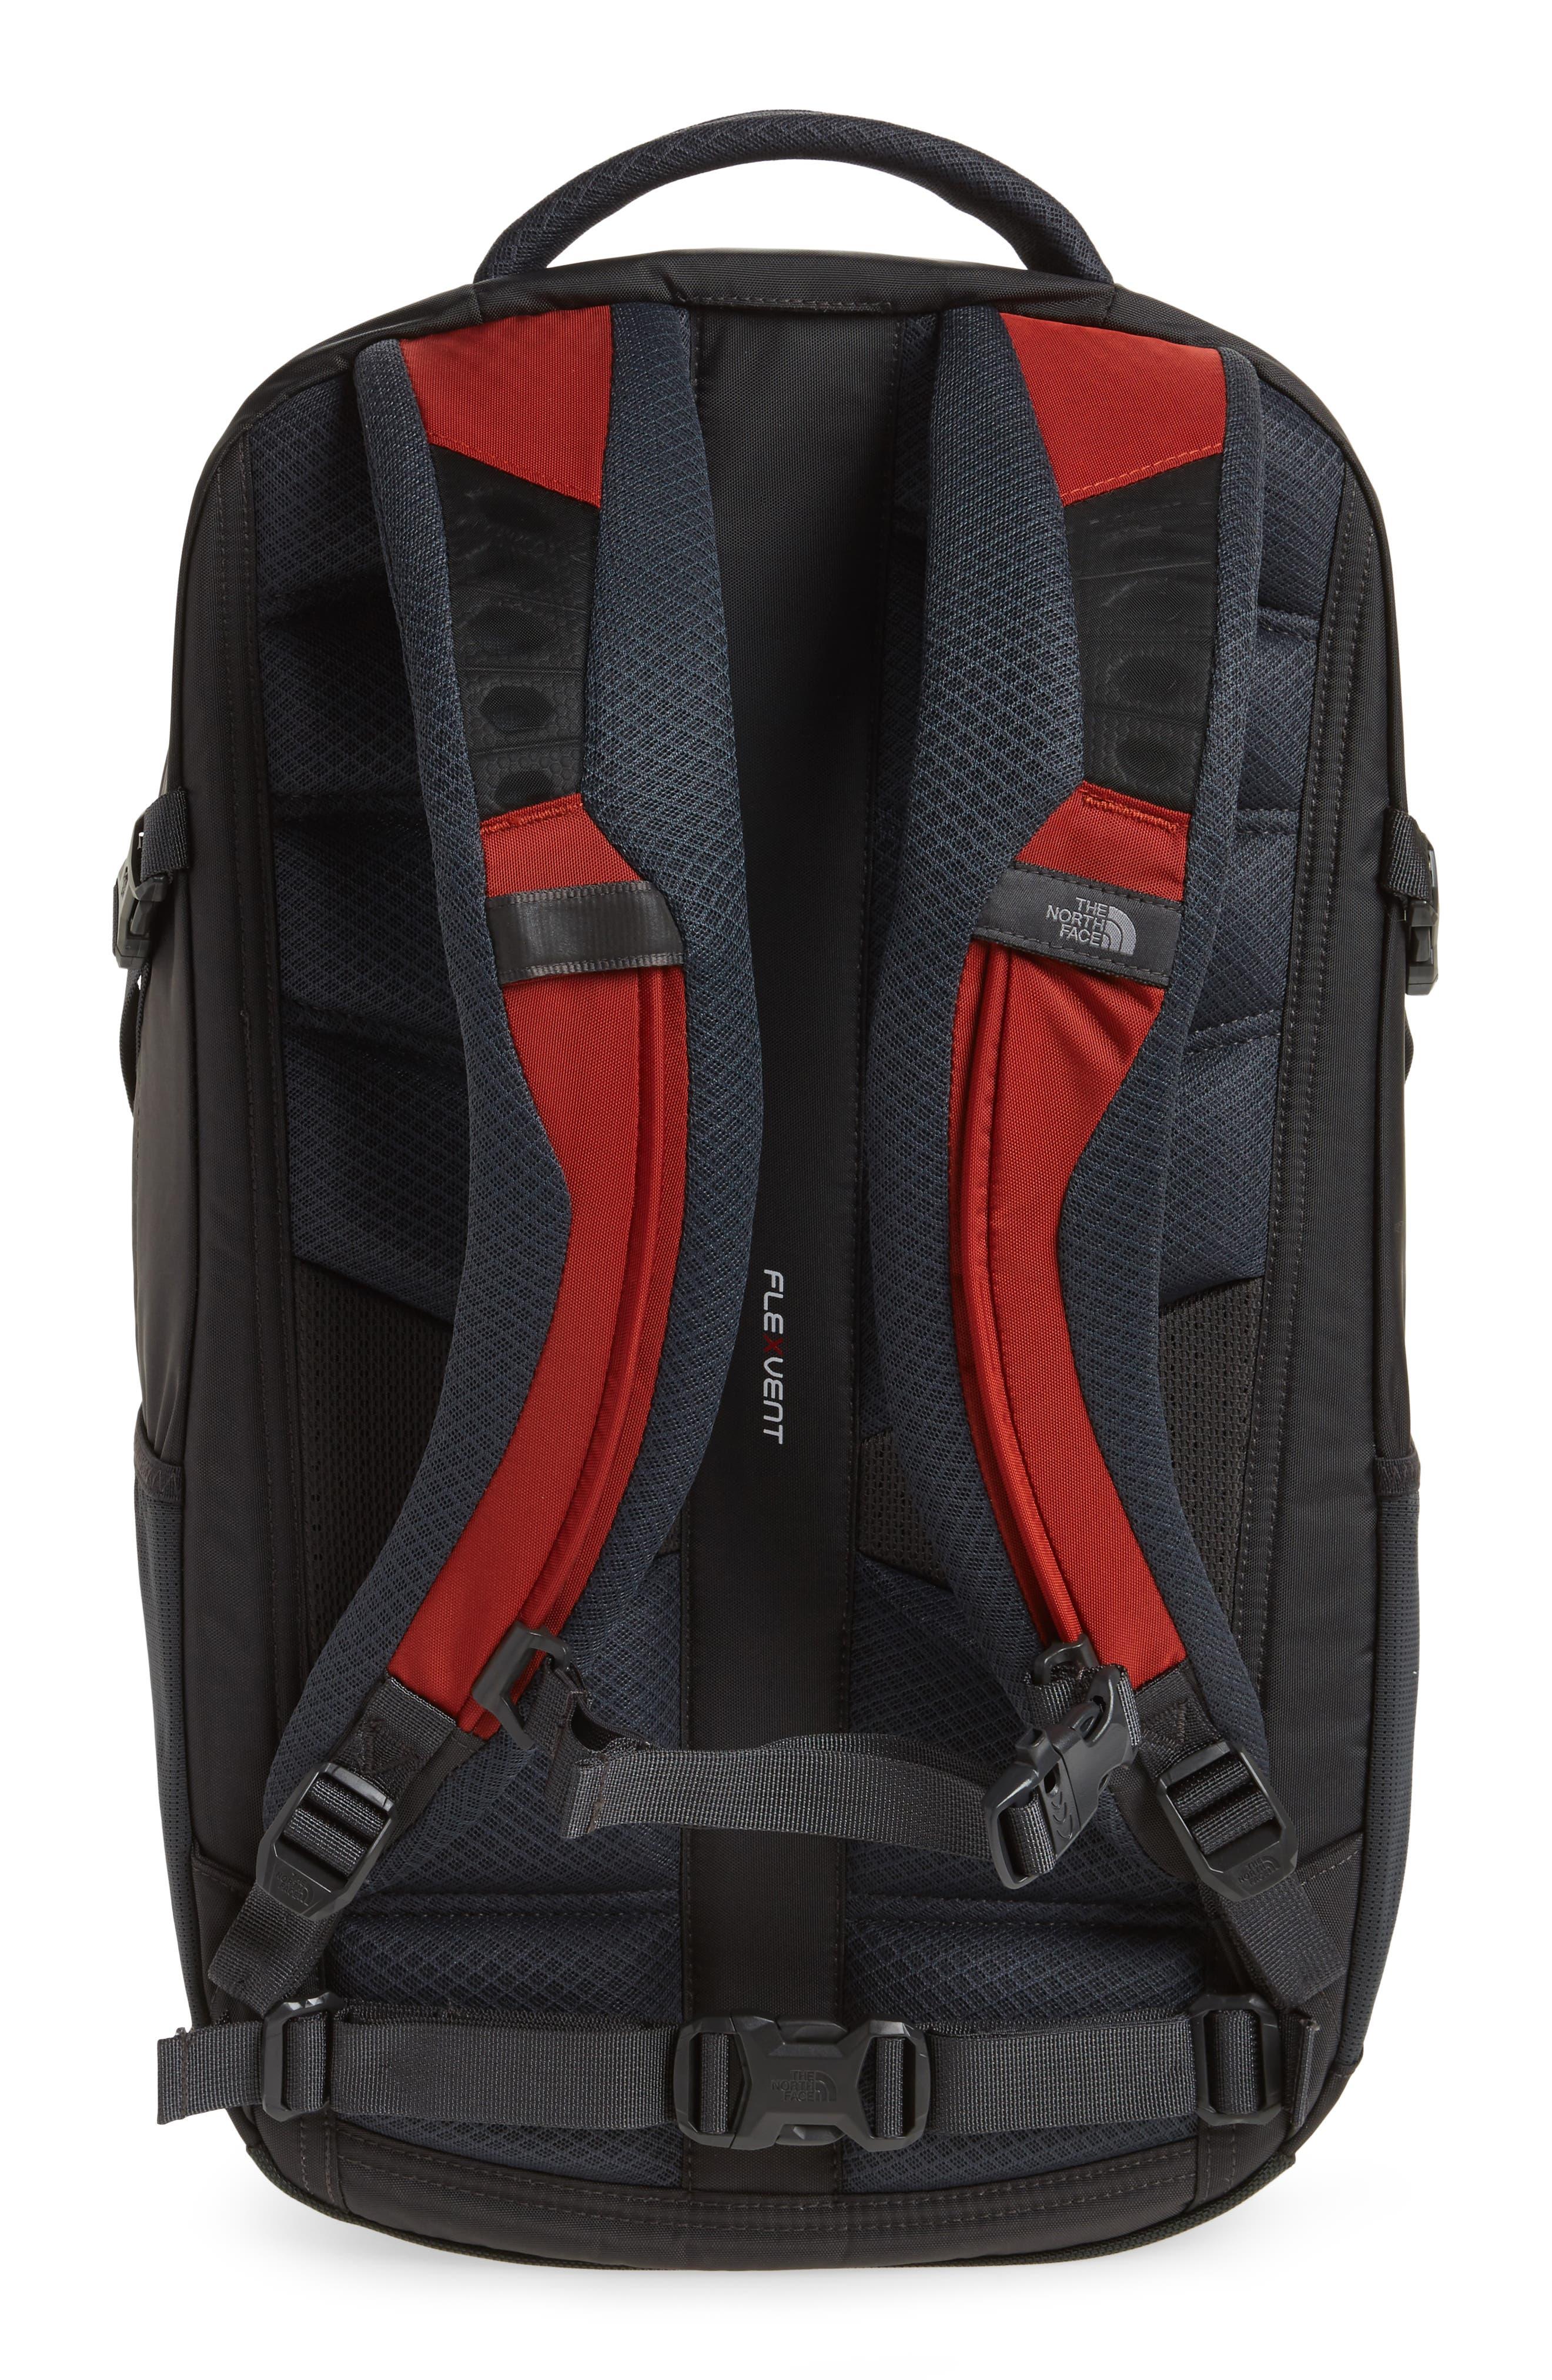 Hot Shot Backpack,                             Alternate thumbnail 3, color,                             Ketchup Red/ Asphalt Grey